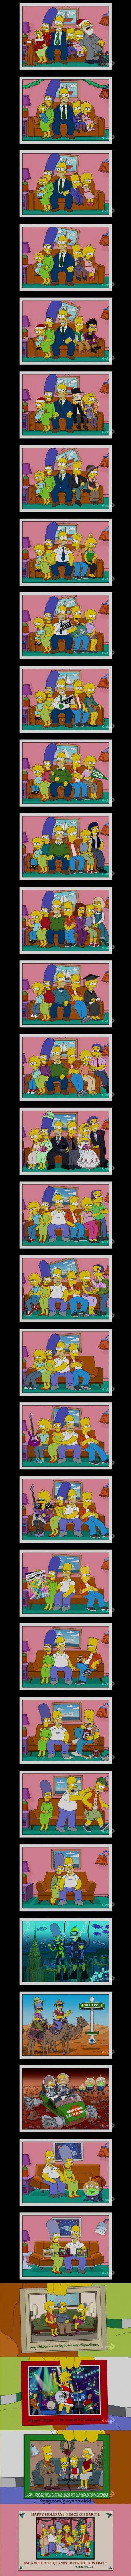 E vc ja imaginou como os Simpsons ficariam no futuro? Eis a sequencia de imagens de quem previu isso com um dos desenhos mais famosos de todos os tempos! Confesso que tirando a parte do lesbianismo, tudo eu ja meio que esperava…menos, tb, a parte dos ETs…. e a parte do Milhouse…. e parte do…ah …